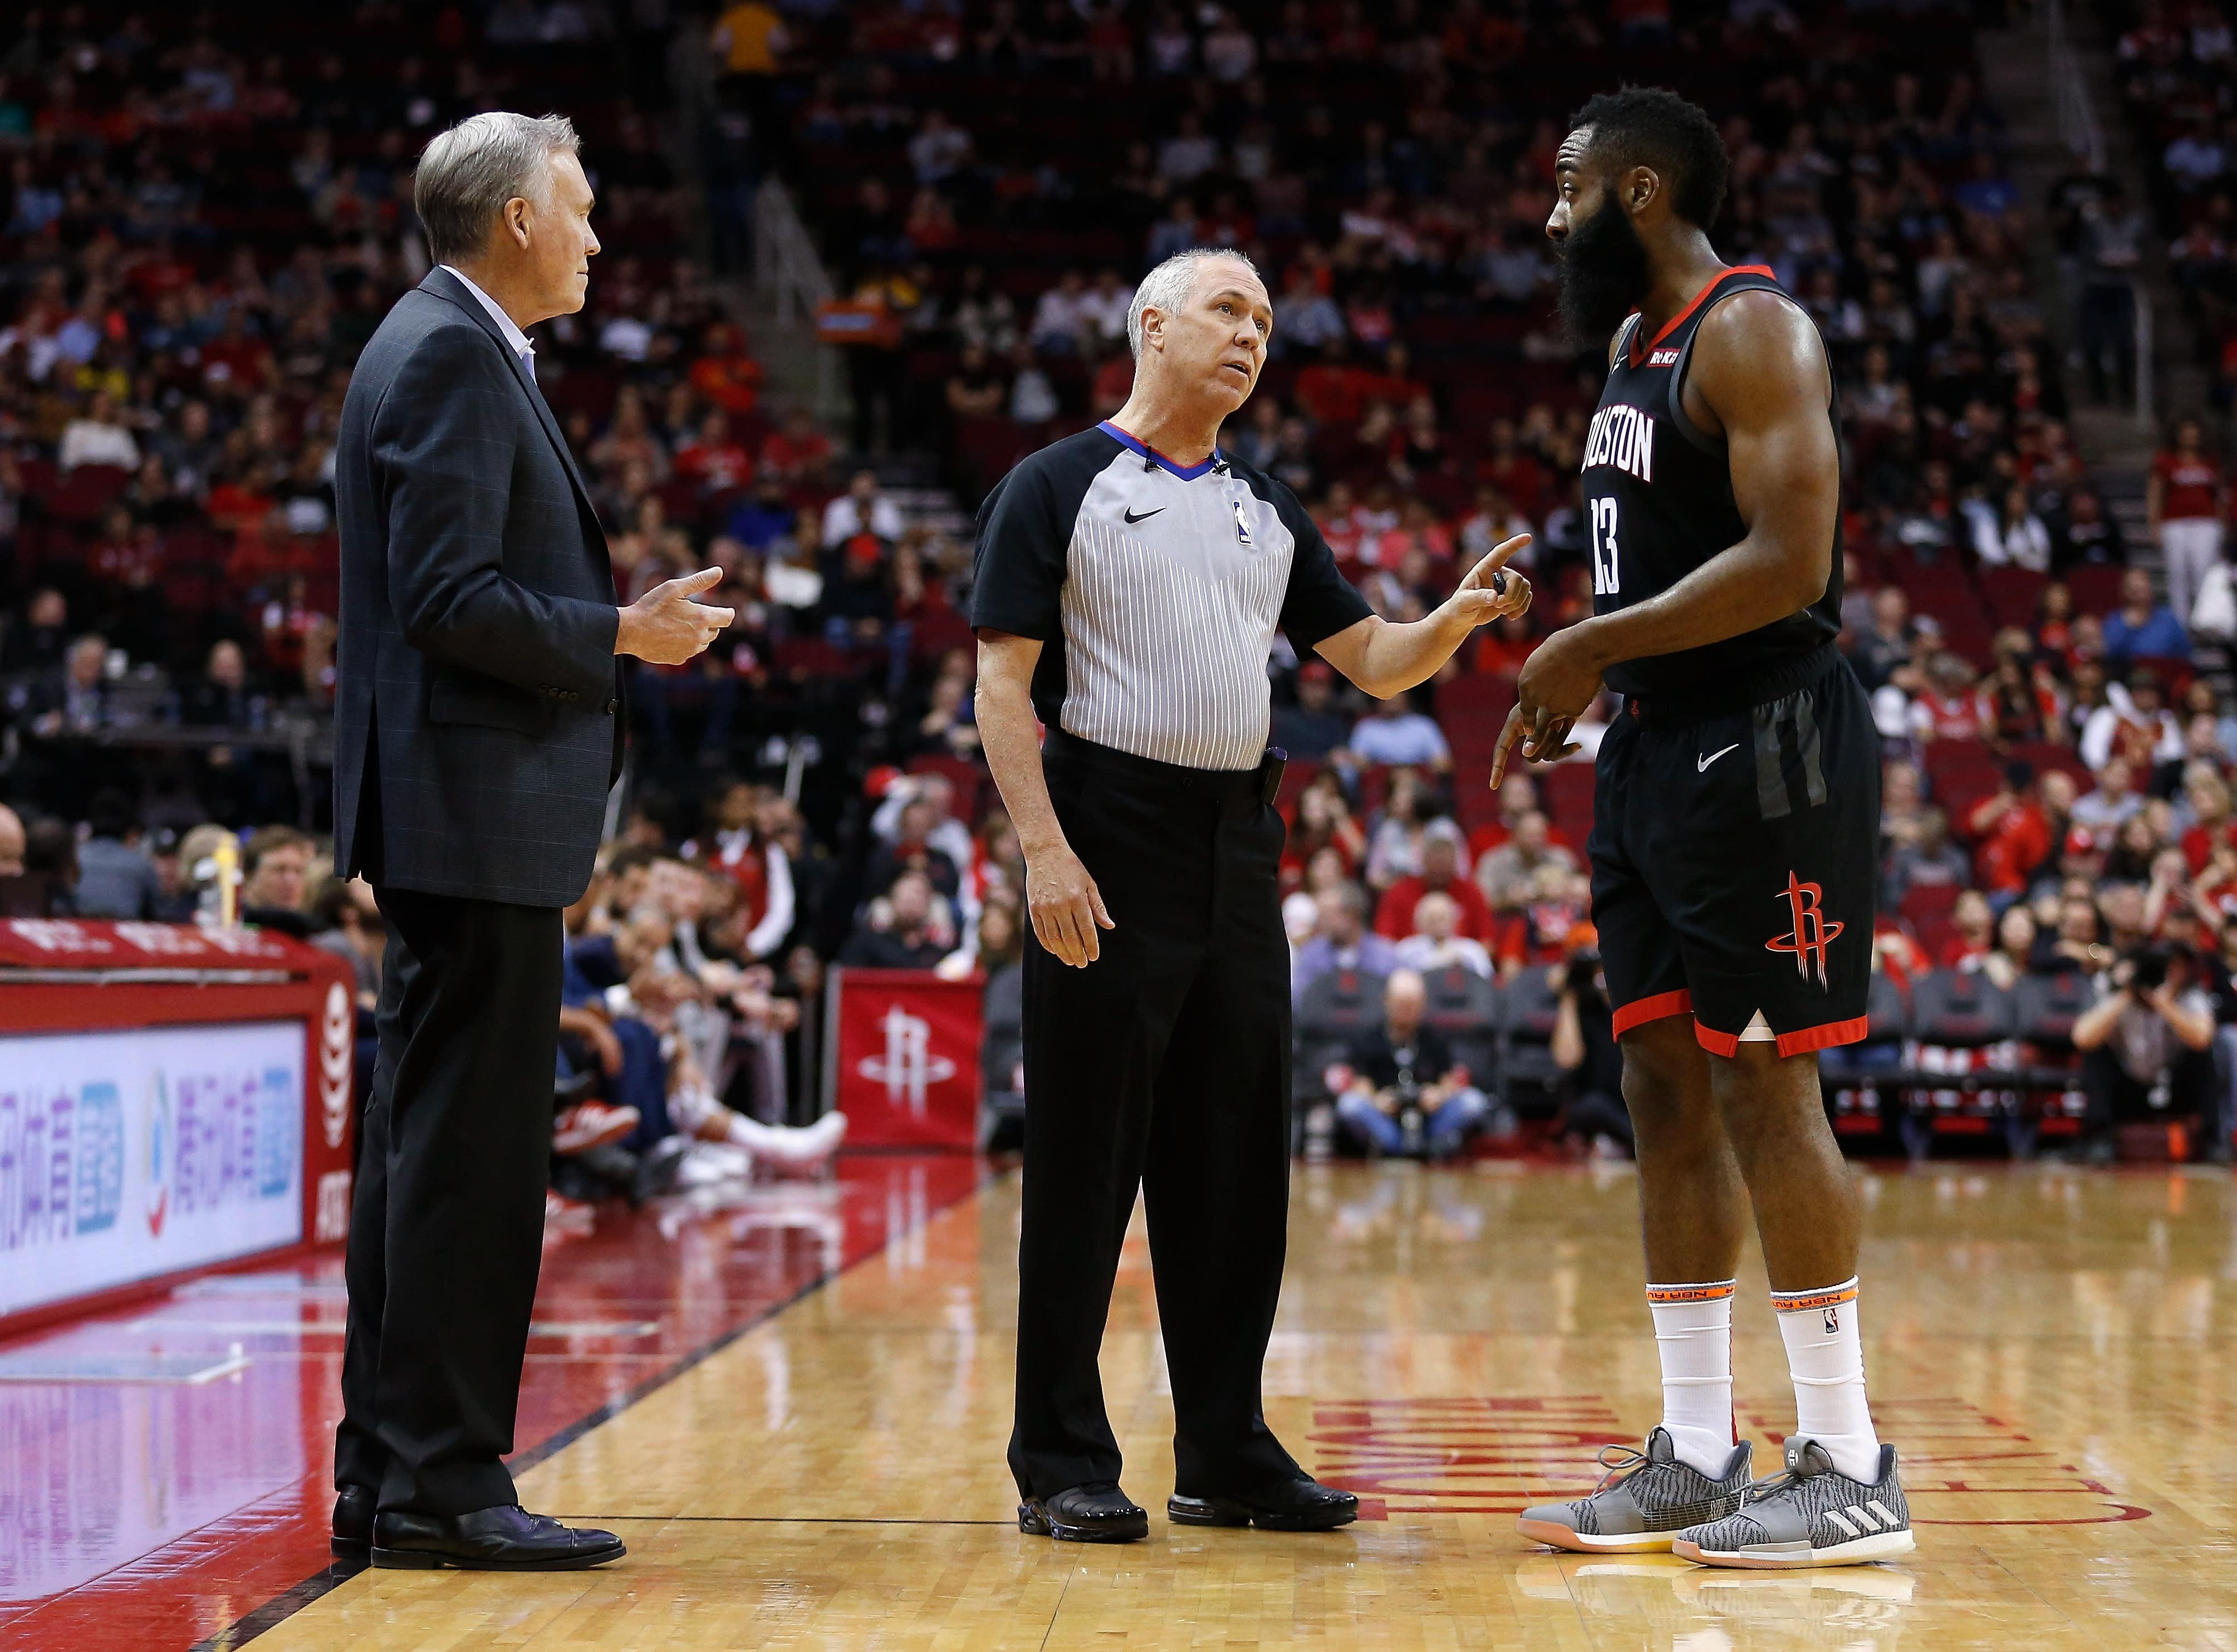 【NBA】你覺得過多的明星哨是否影響了賽果?